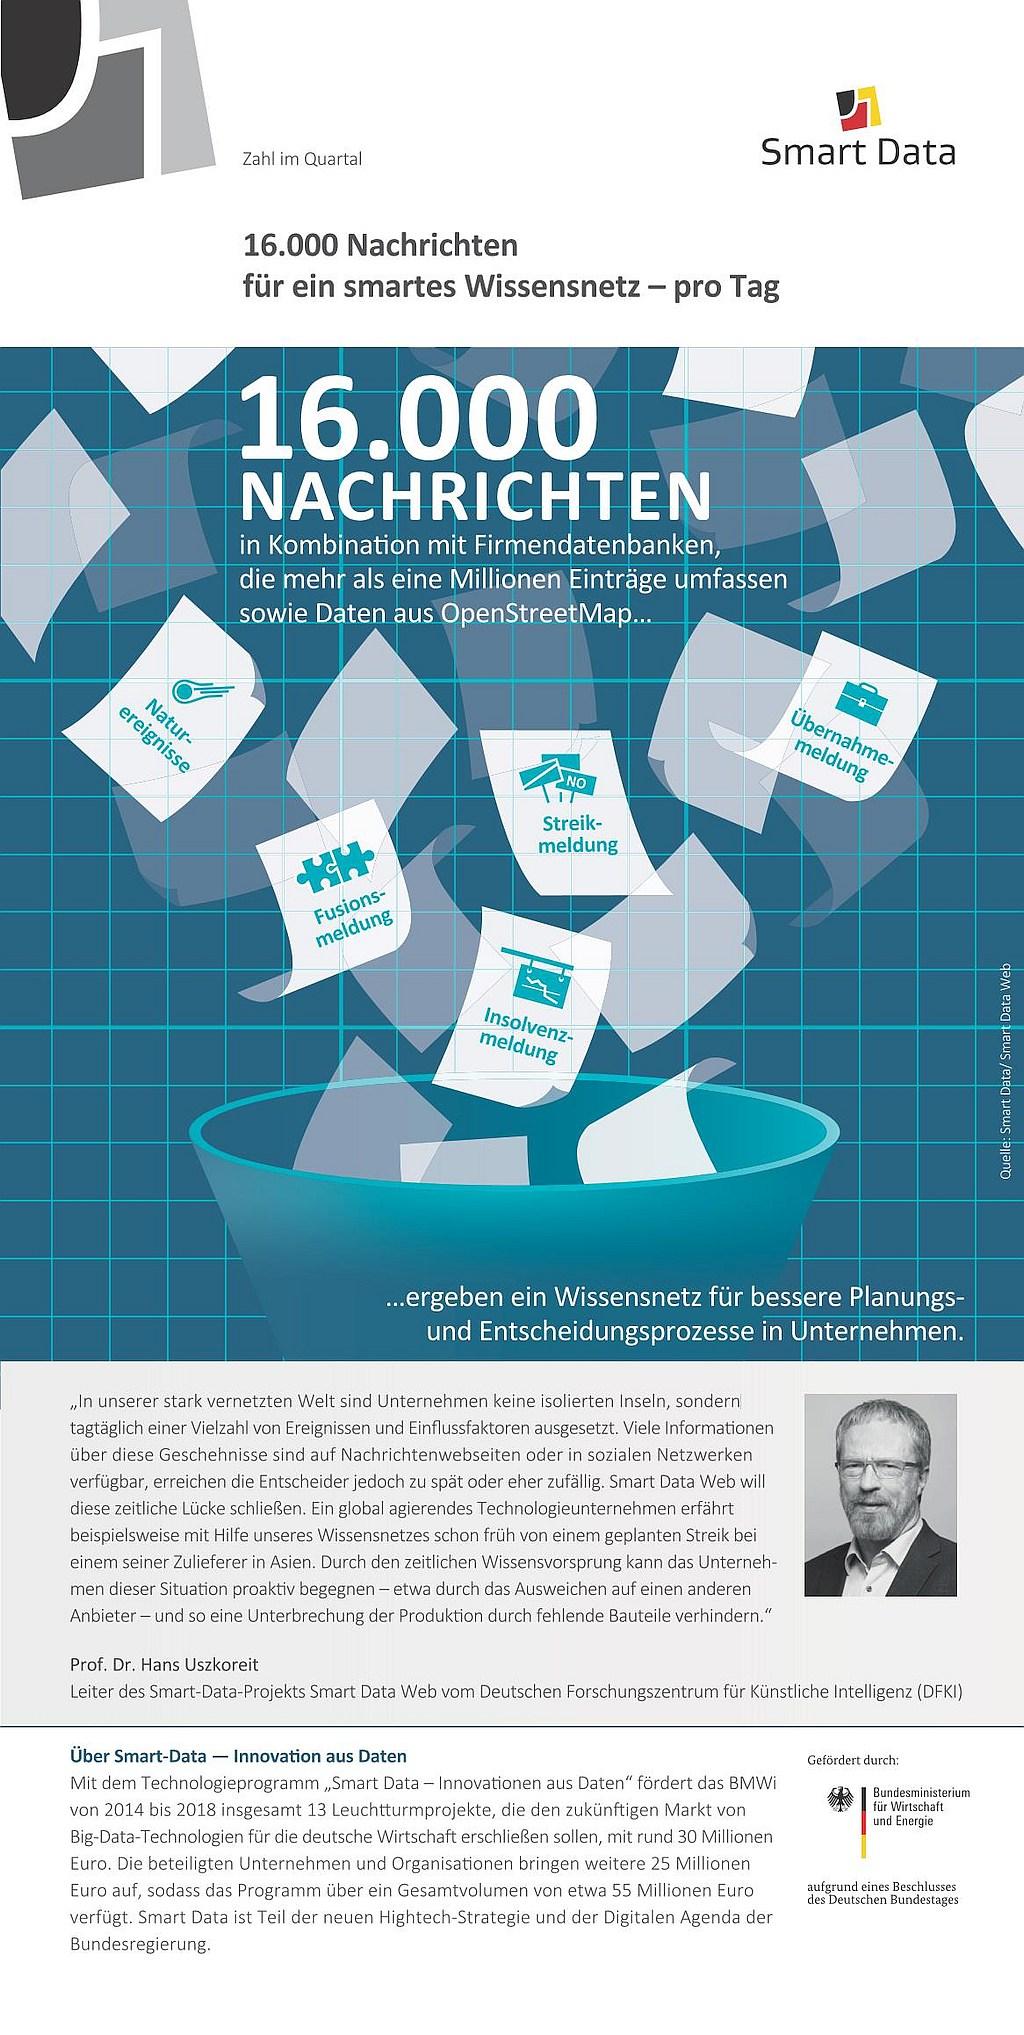 infografik_smartdata_zahlimquartal_4_16000-nachrichten